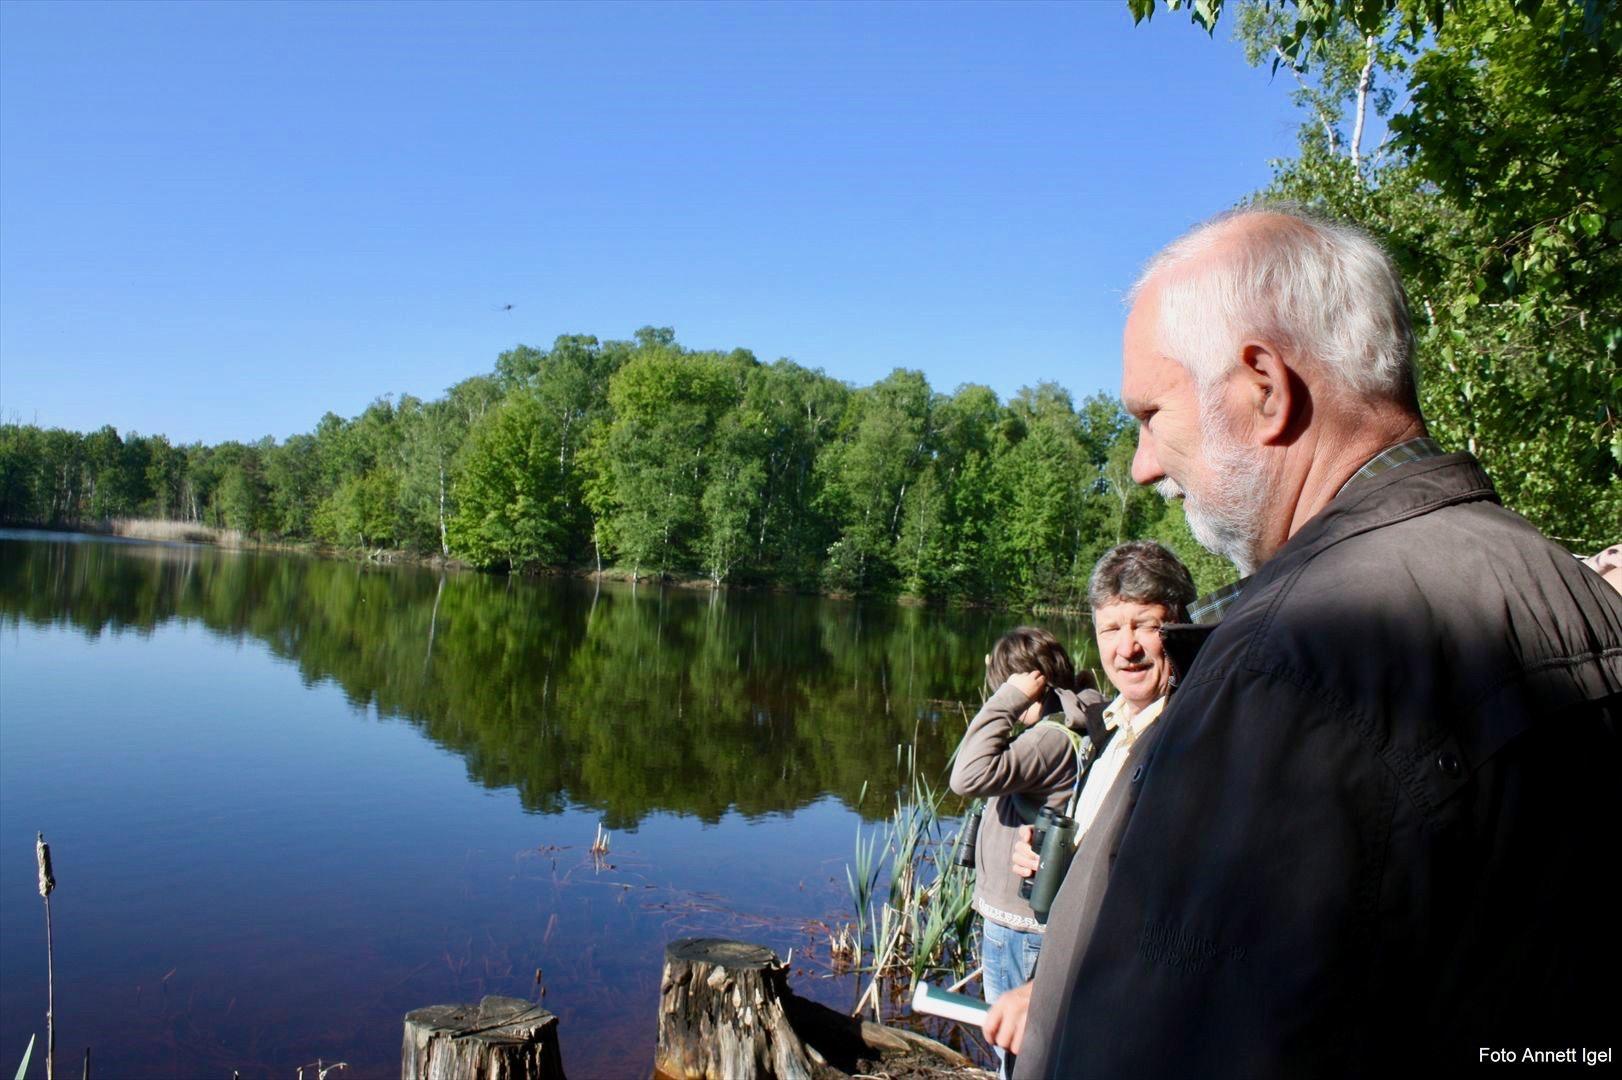 Vogelbeobachtung im Naturschutzgebiet Luisensee